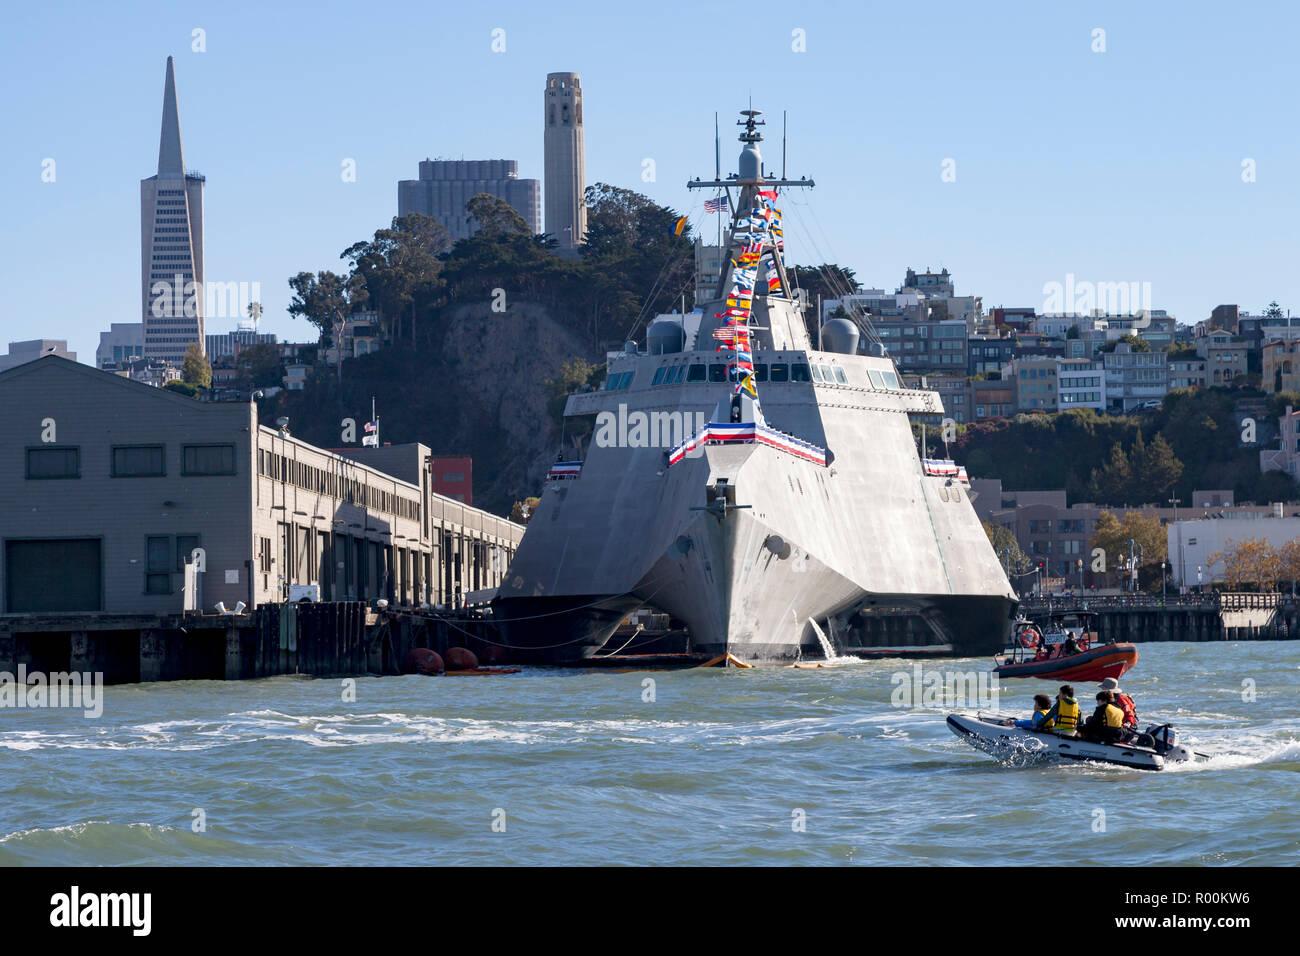 L'indépendance de combat littoral classe USS Manchester (LCS) 14 amarré le long du front de mer de San Francisco. Photo Stock